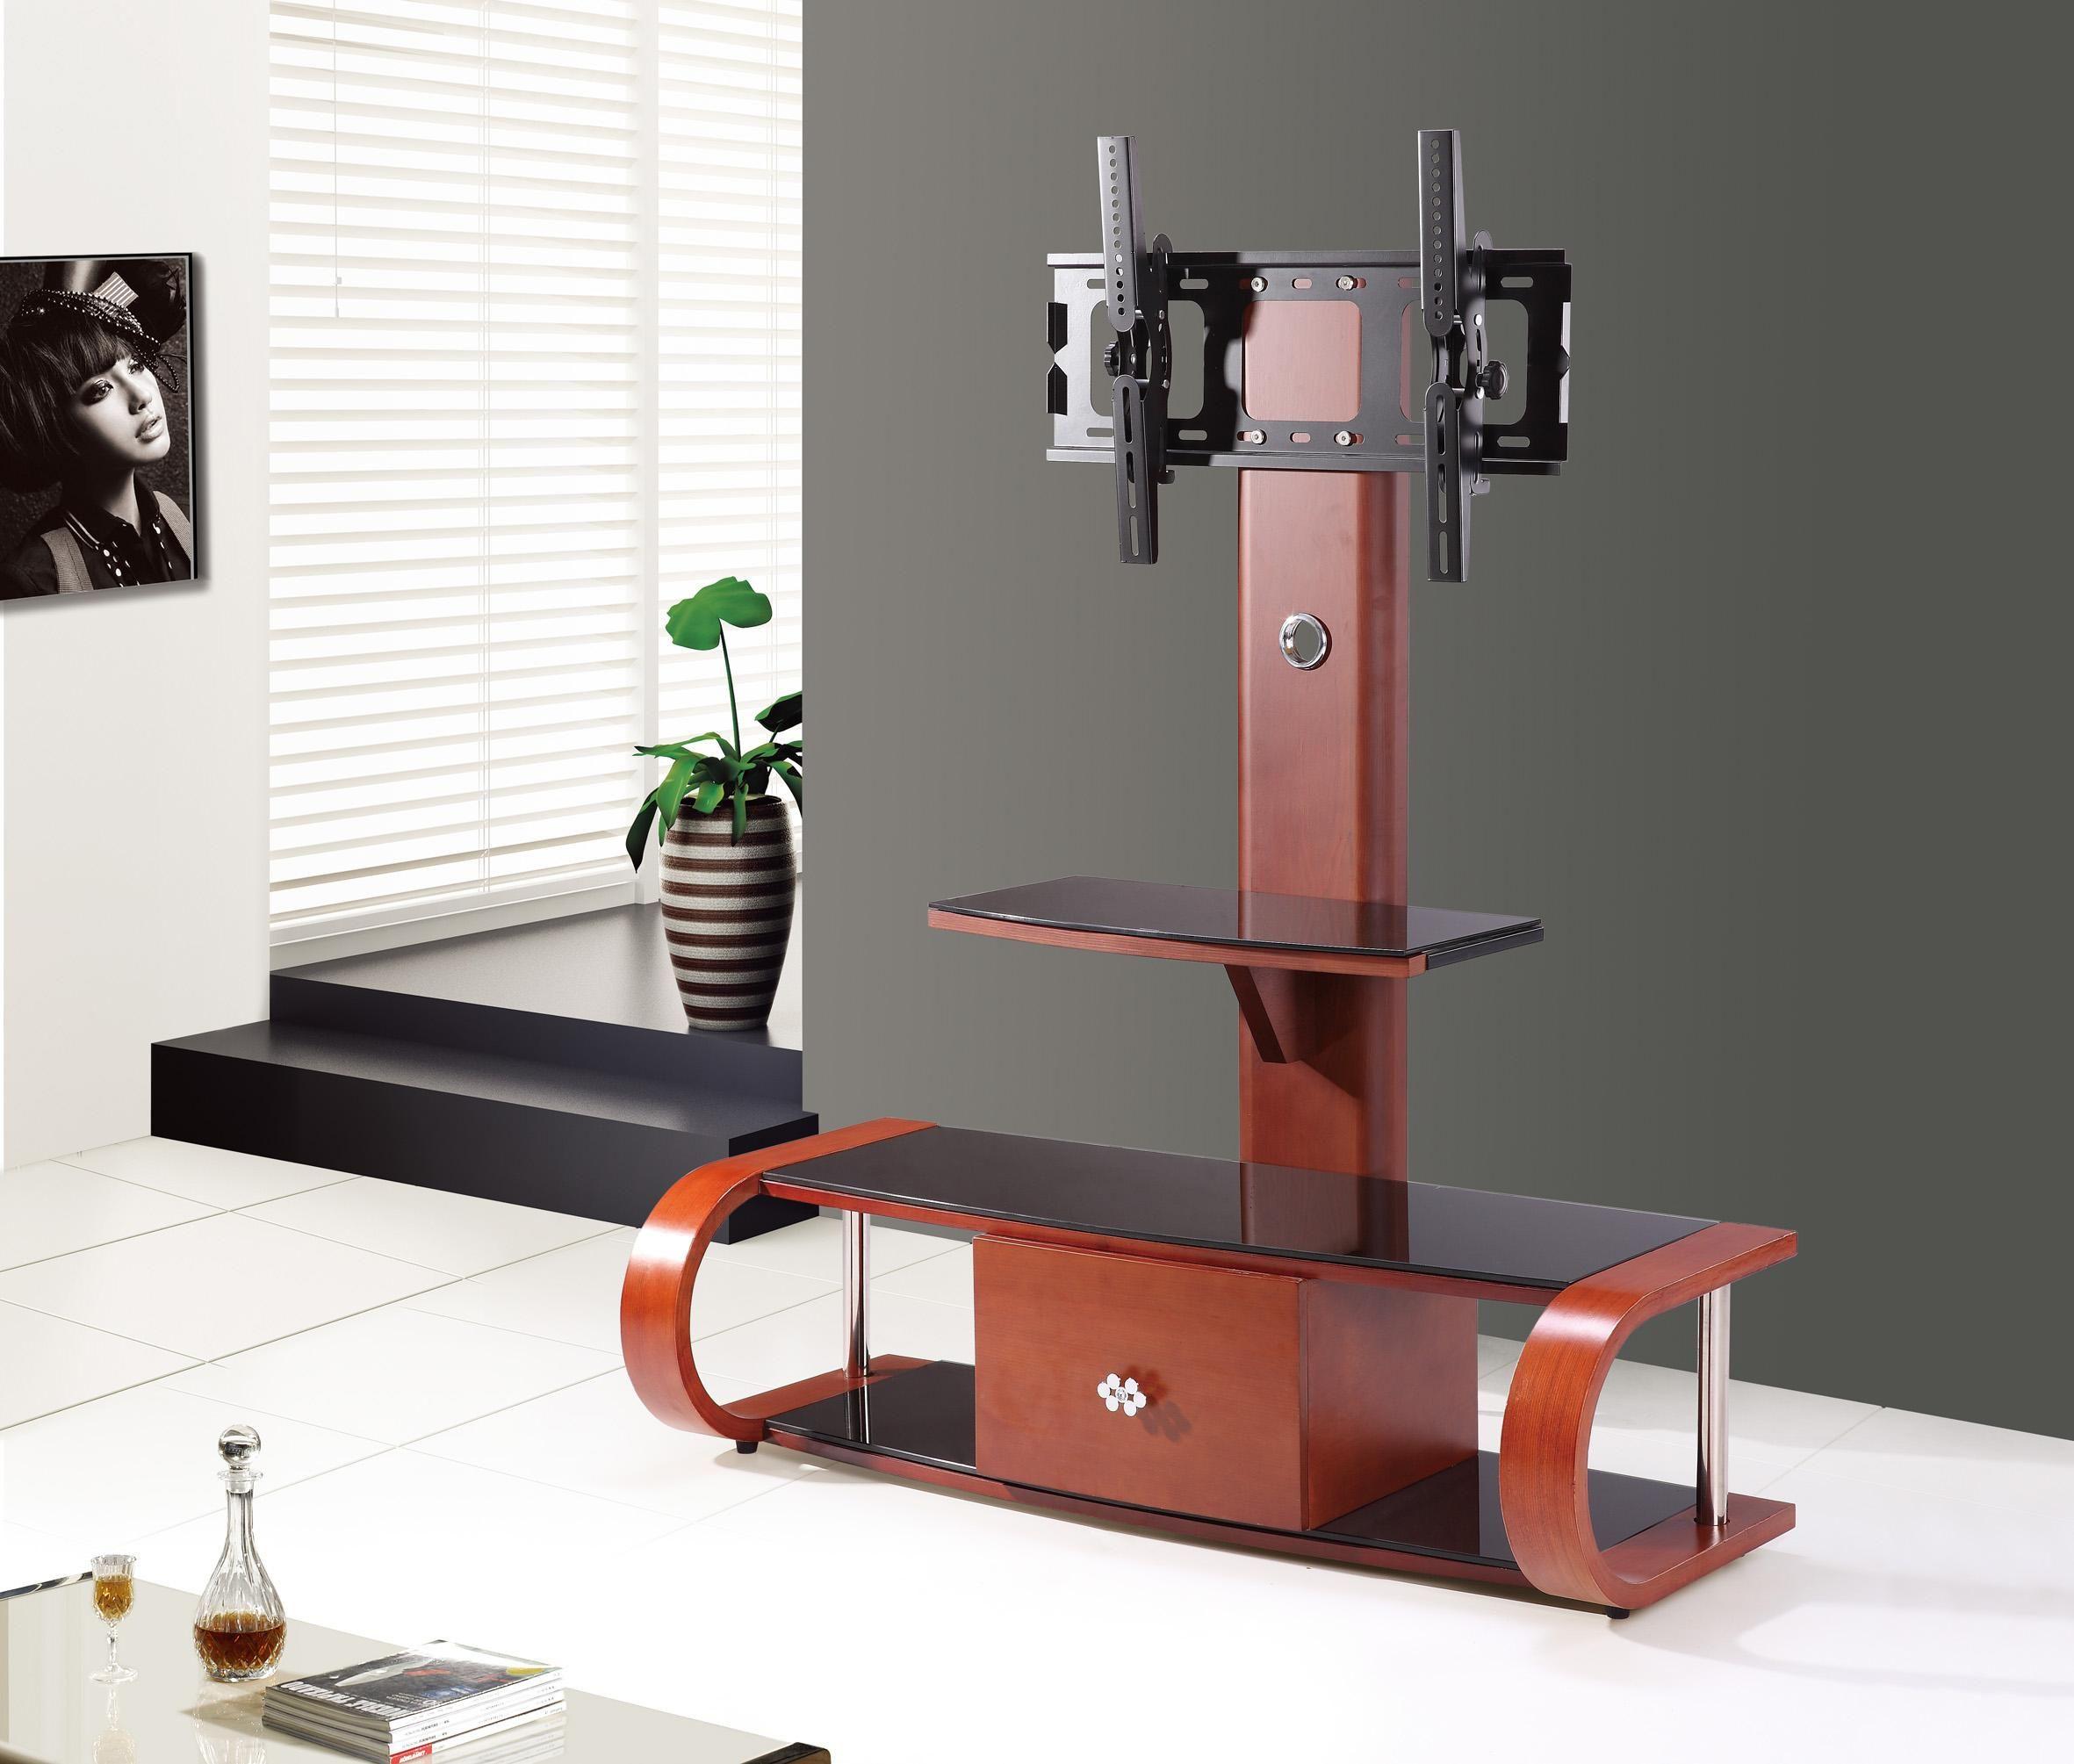 Dise o de moda de madera maciza muebles de tv para for Diseno de muebles de madera